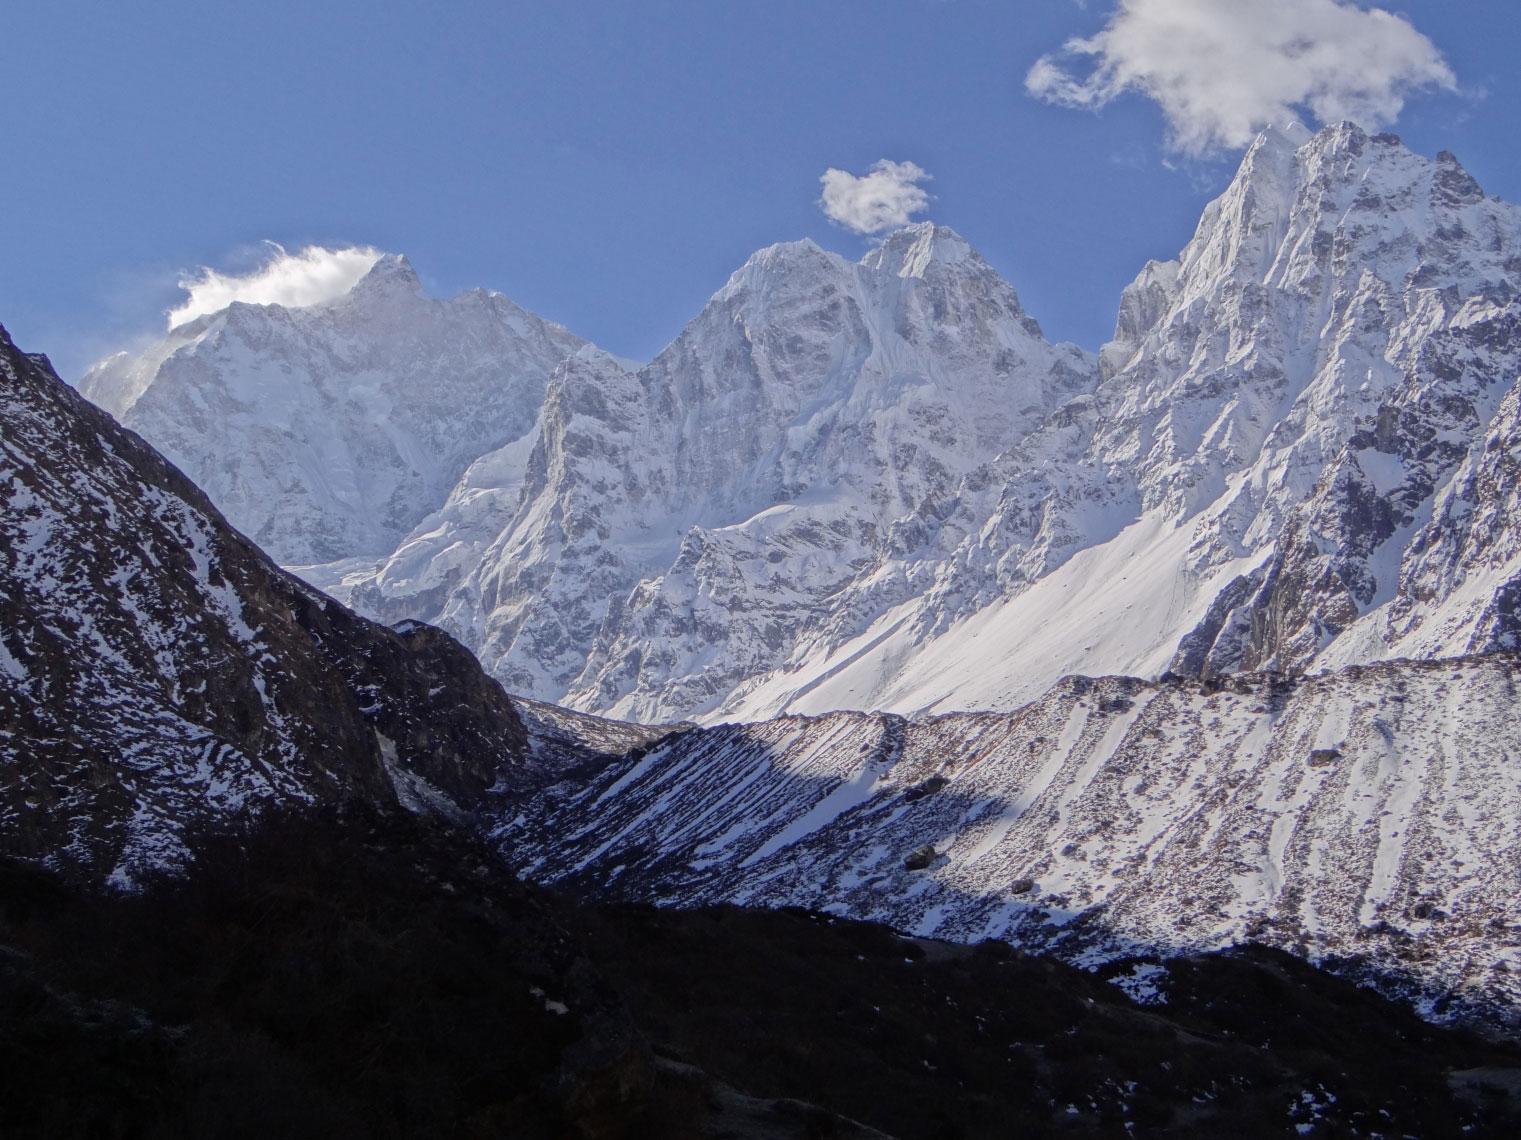 View from Kambachen